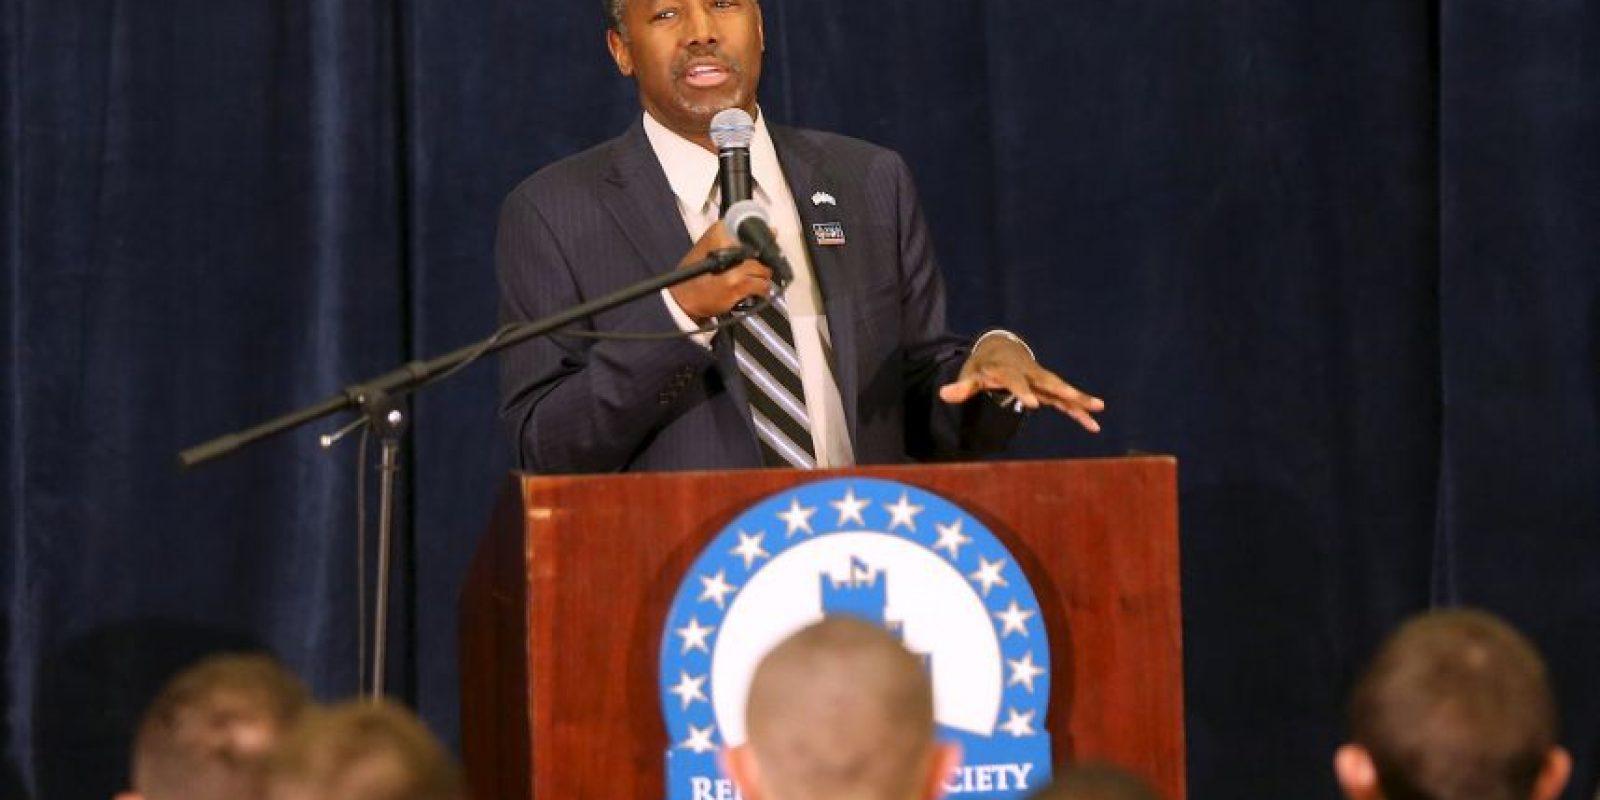 El 4 de mayo anunció su entrada en la contienda por la nominación republicana para las elecciones presidenciales de 2016 en Estados Unidos. Foto:Getty Images